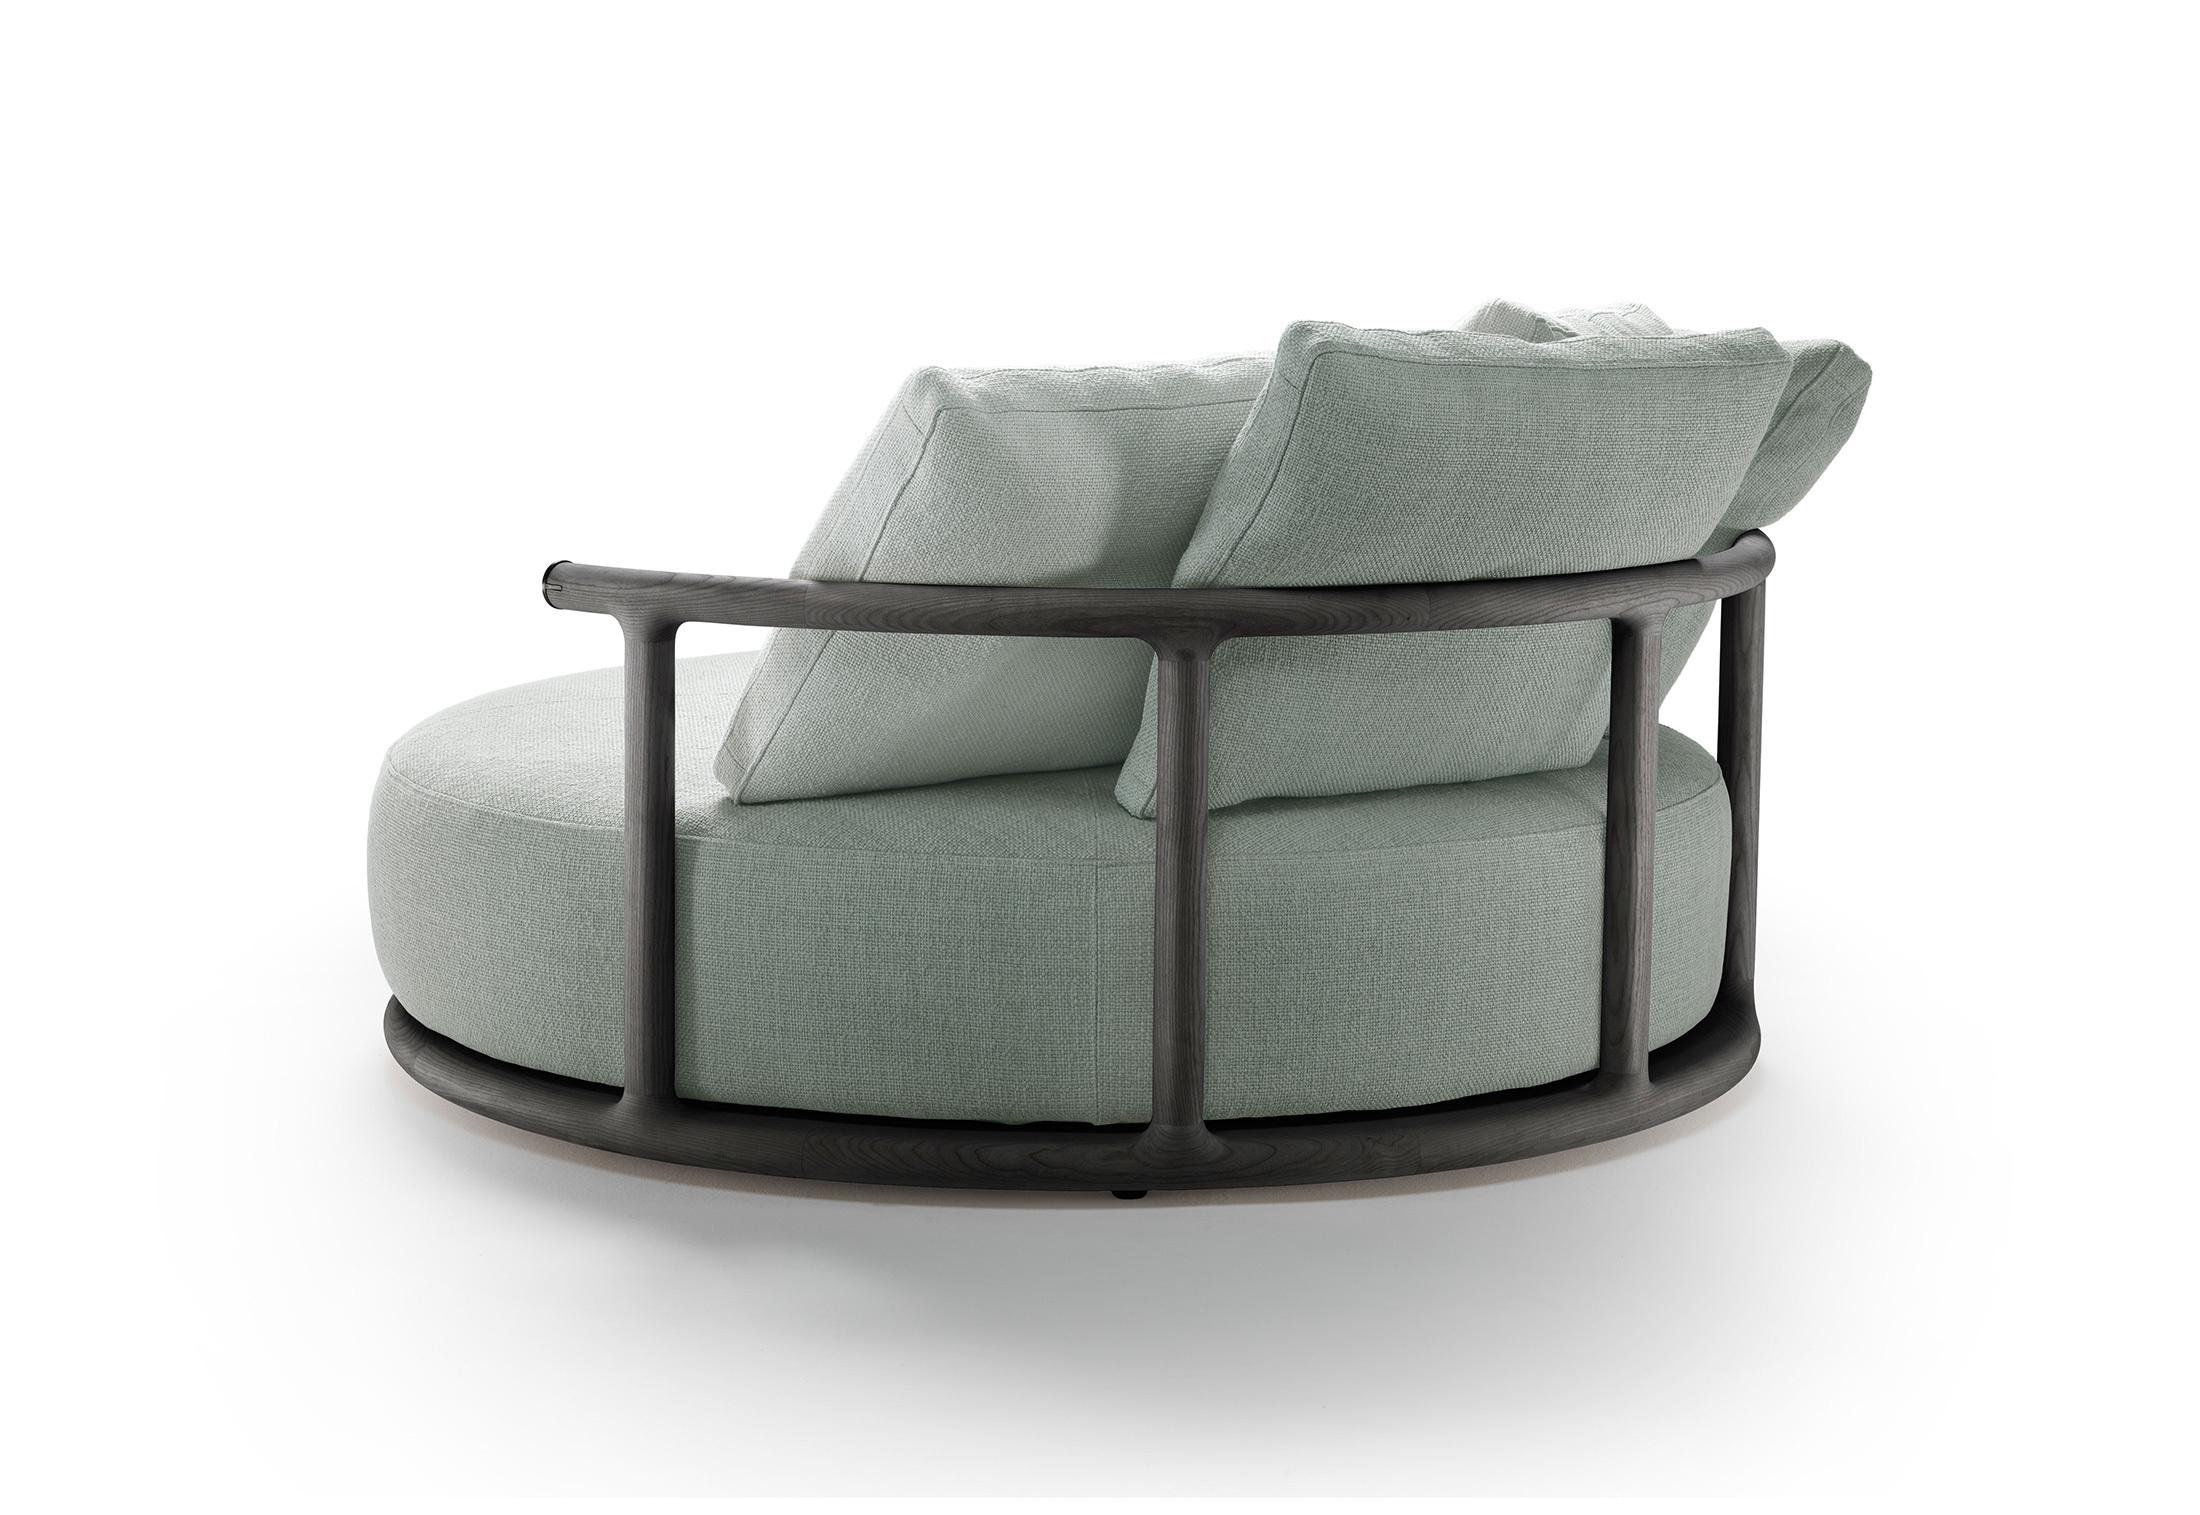 Full Size of Sofa Rund Arundel Bed Dreamworks Couch Klein Design Rundecke Leder Oval Med Runde Former Form Icaro Von Flexform Stylepark Petrol Big Mit Schlaffunktion Sofa Sofa Rund